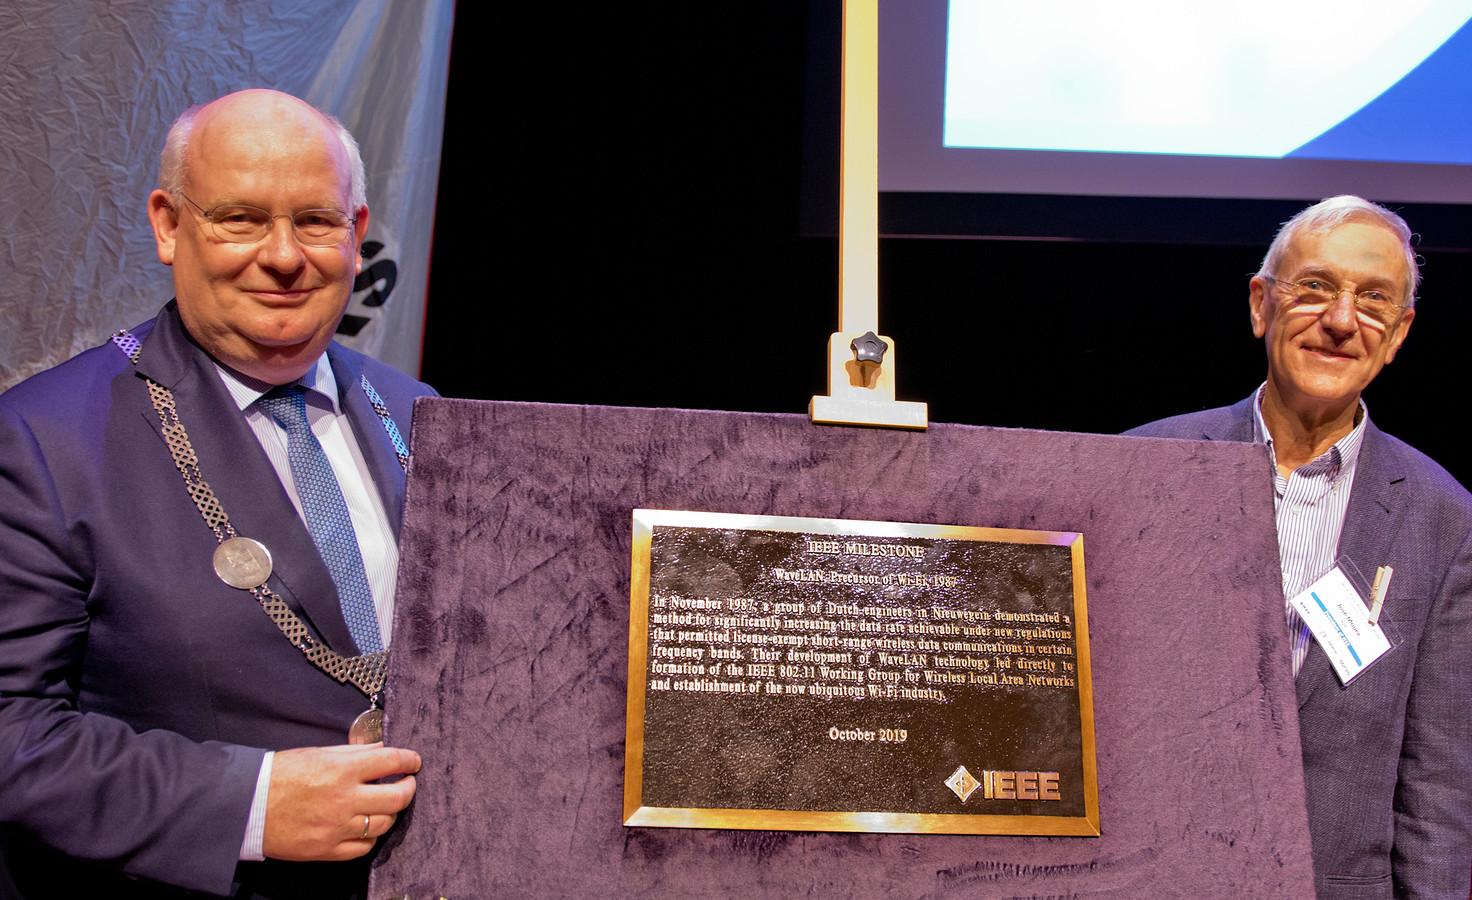 Burgemeester Backhuijs krijgt de Milestone award plaquette uit handen van José Moura, voorzitter van de Institute of Electrical and Electronics Engineers IEEE.